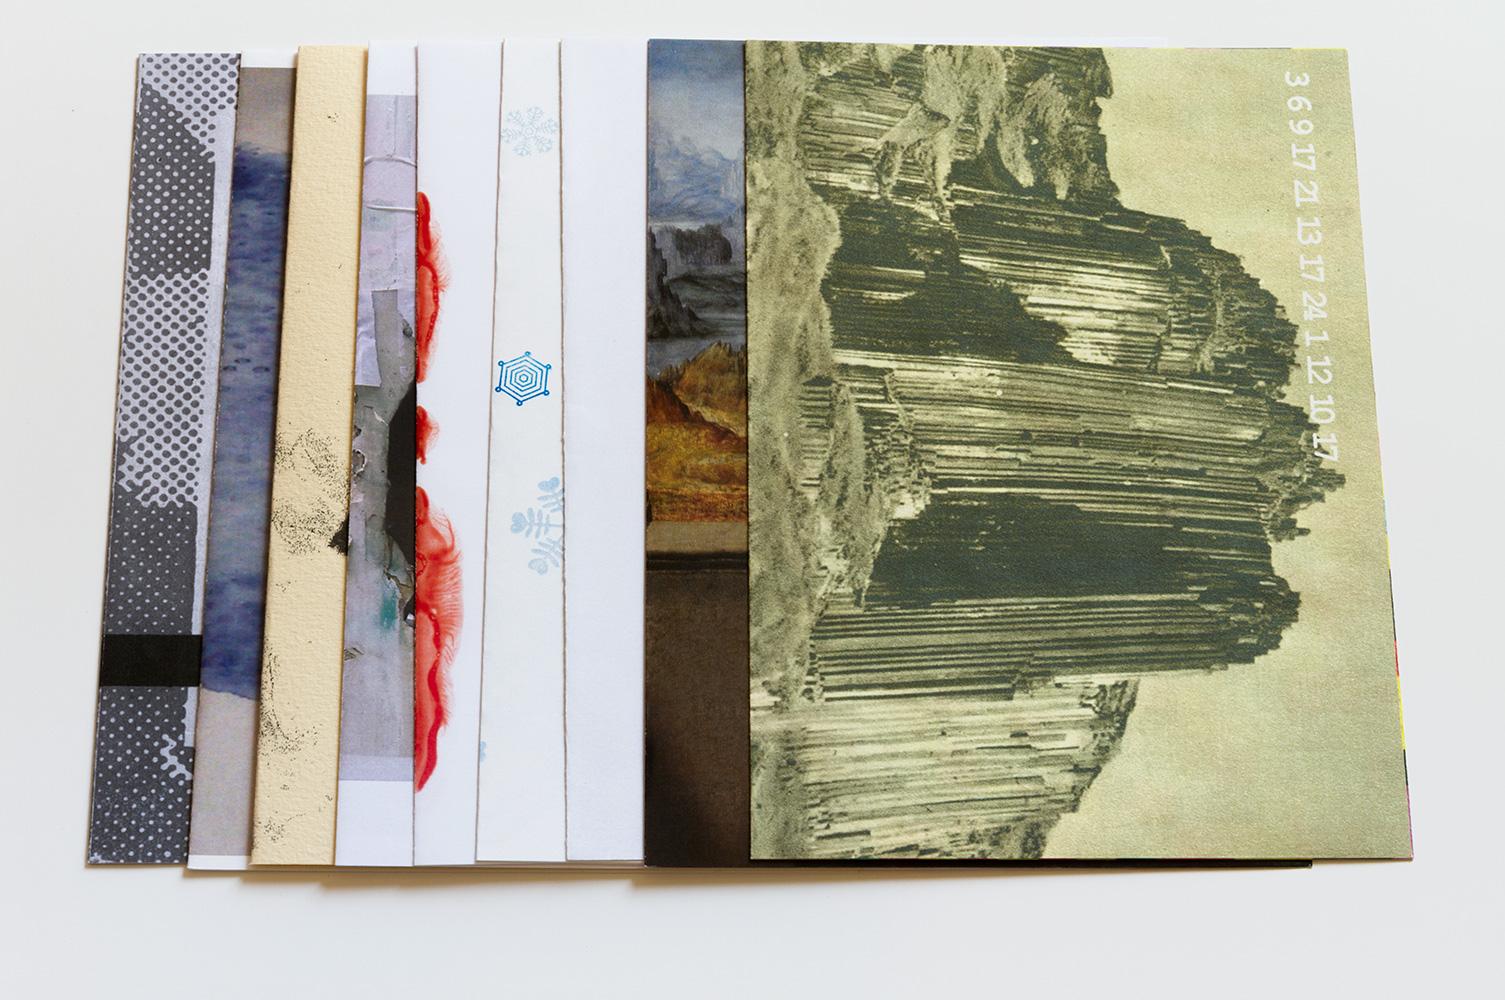 La Mona bis libro de artista  Raquel Muñoz - Montse Carreño